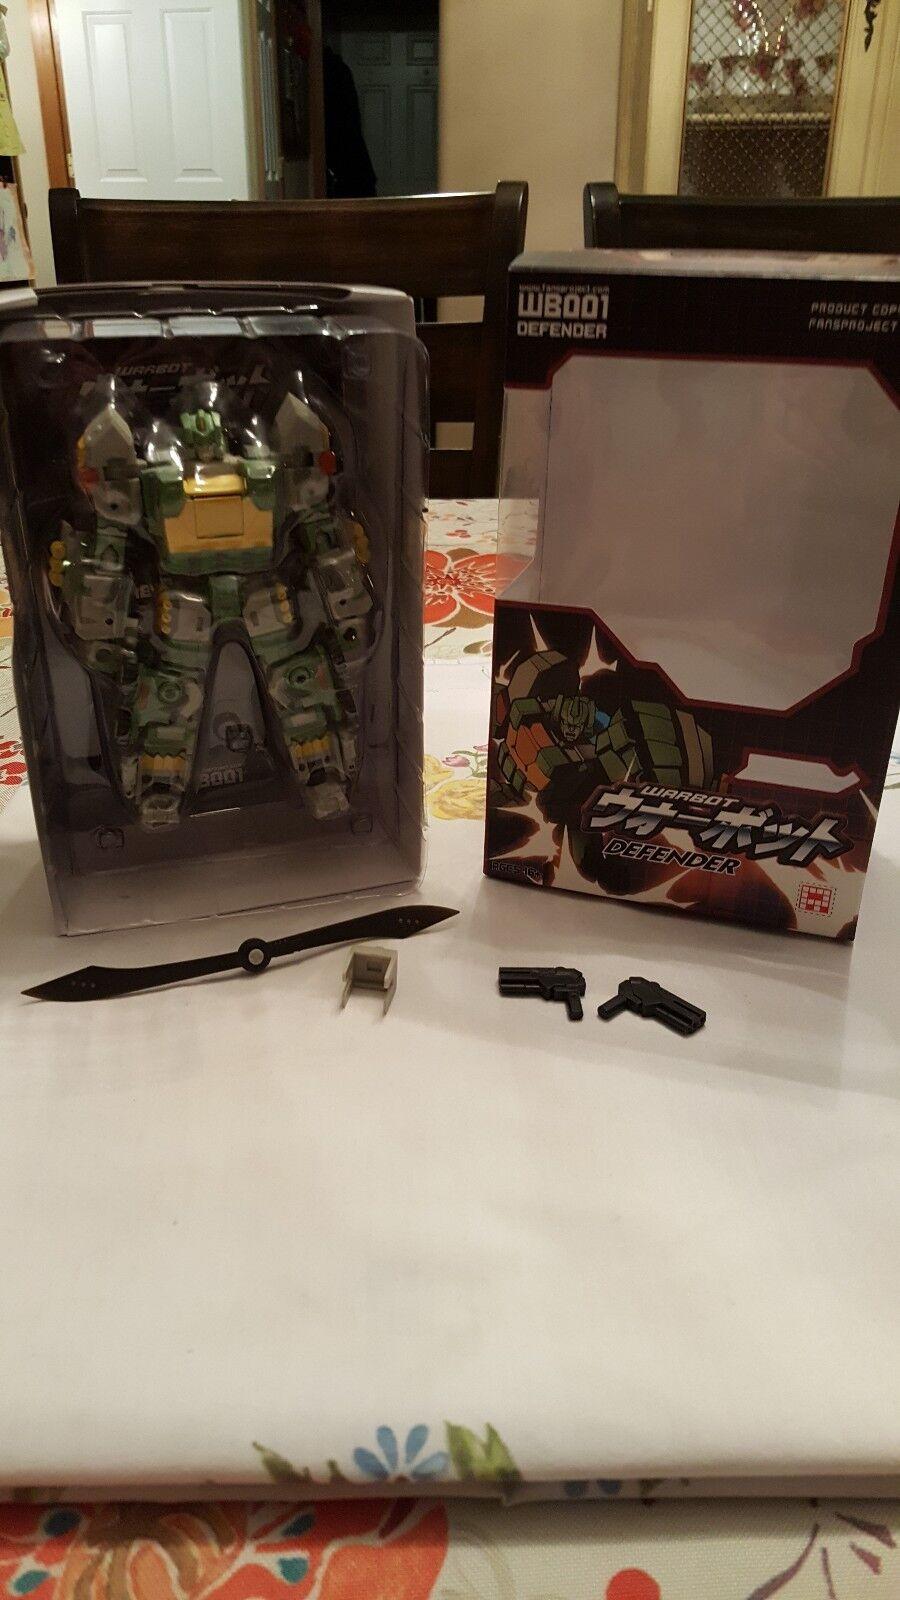 FansProject Transformers Warbot  Defender Action Figure (Springer) (Springer) (Springer) c20cc2